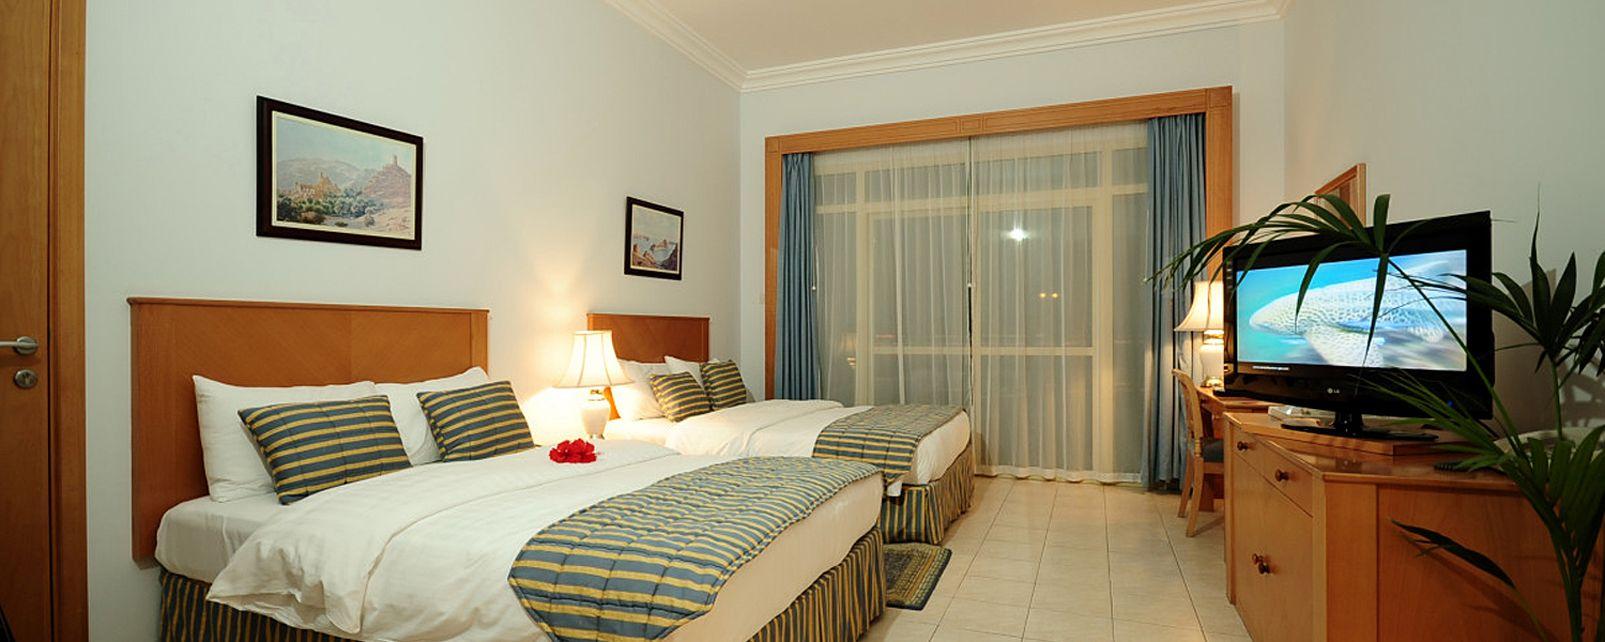 Hotel Atana Resort Khasab